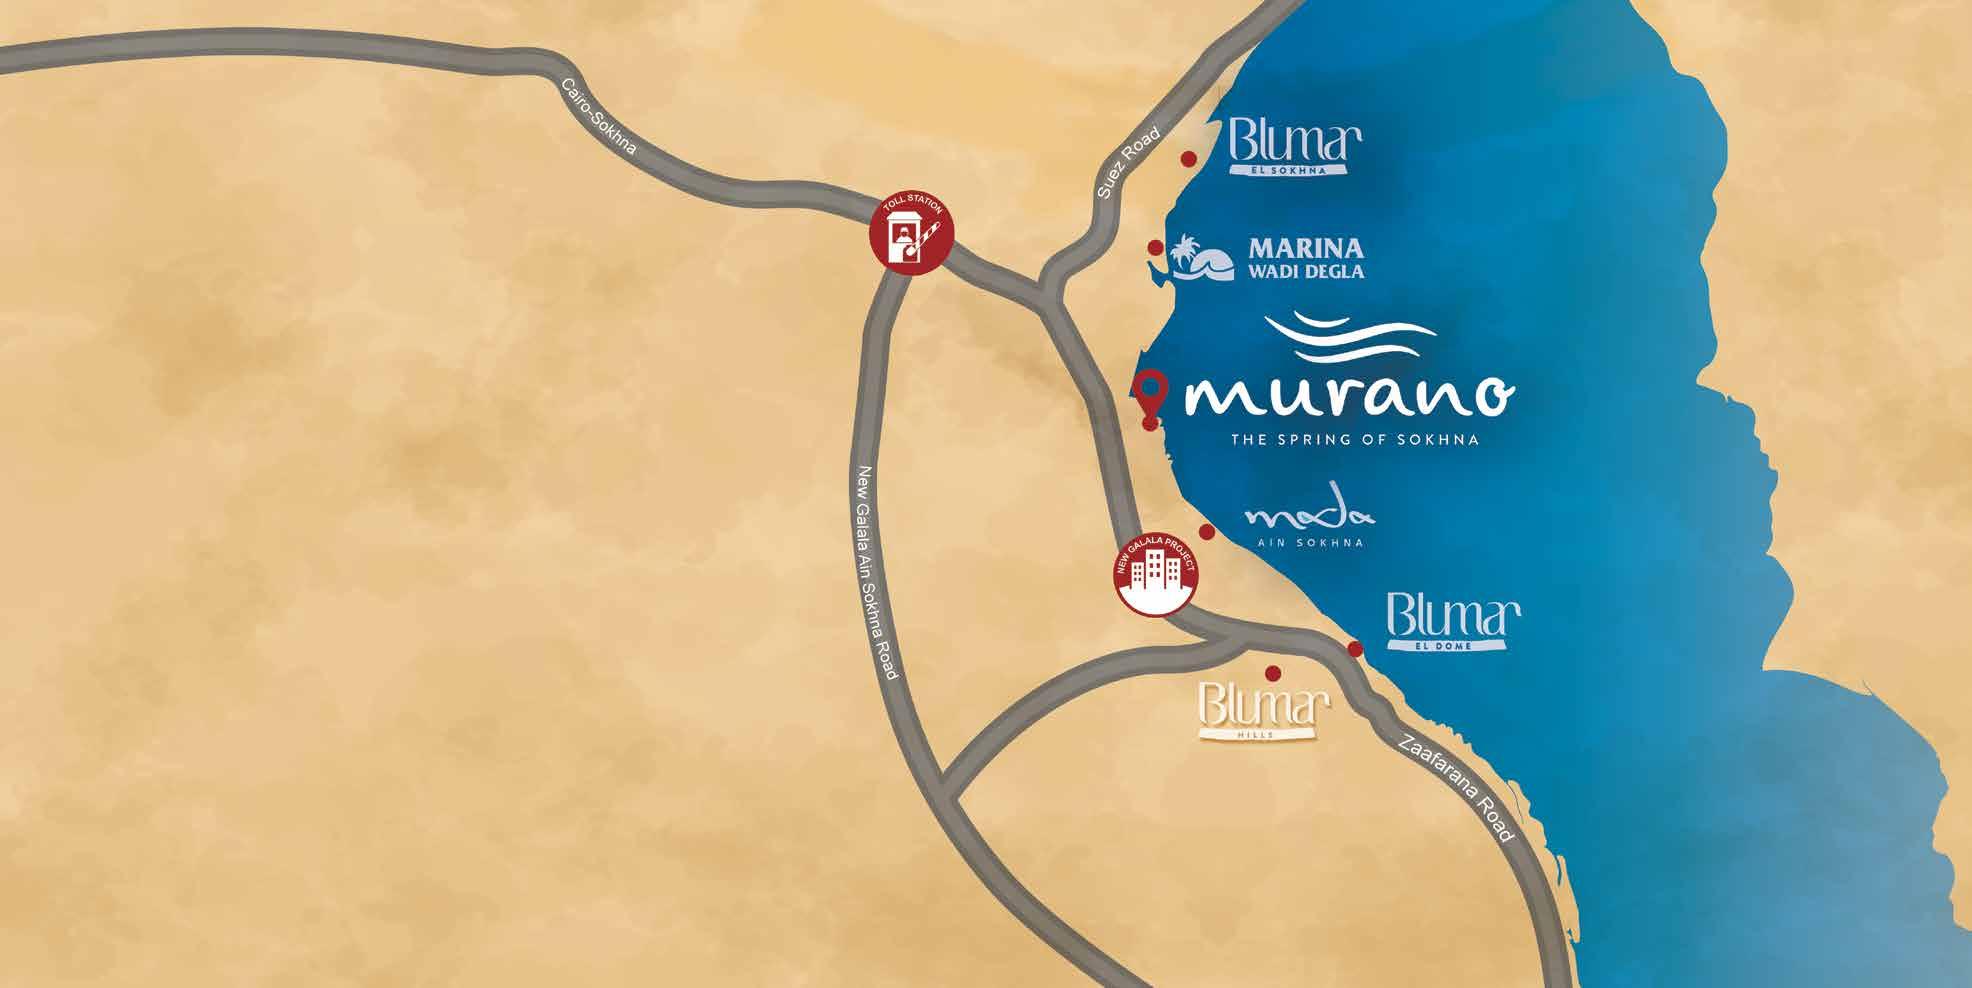 موقع murano wadi degla..._يوفن UVISNE